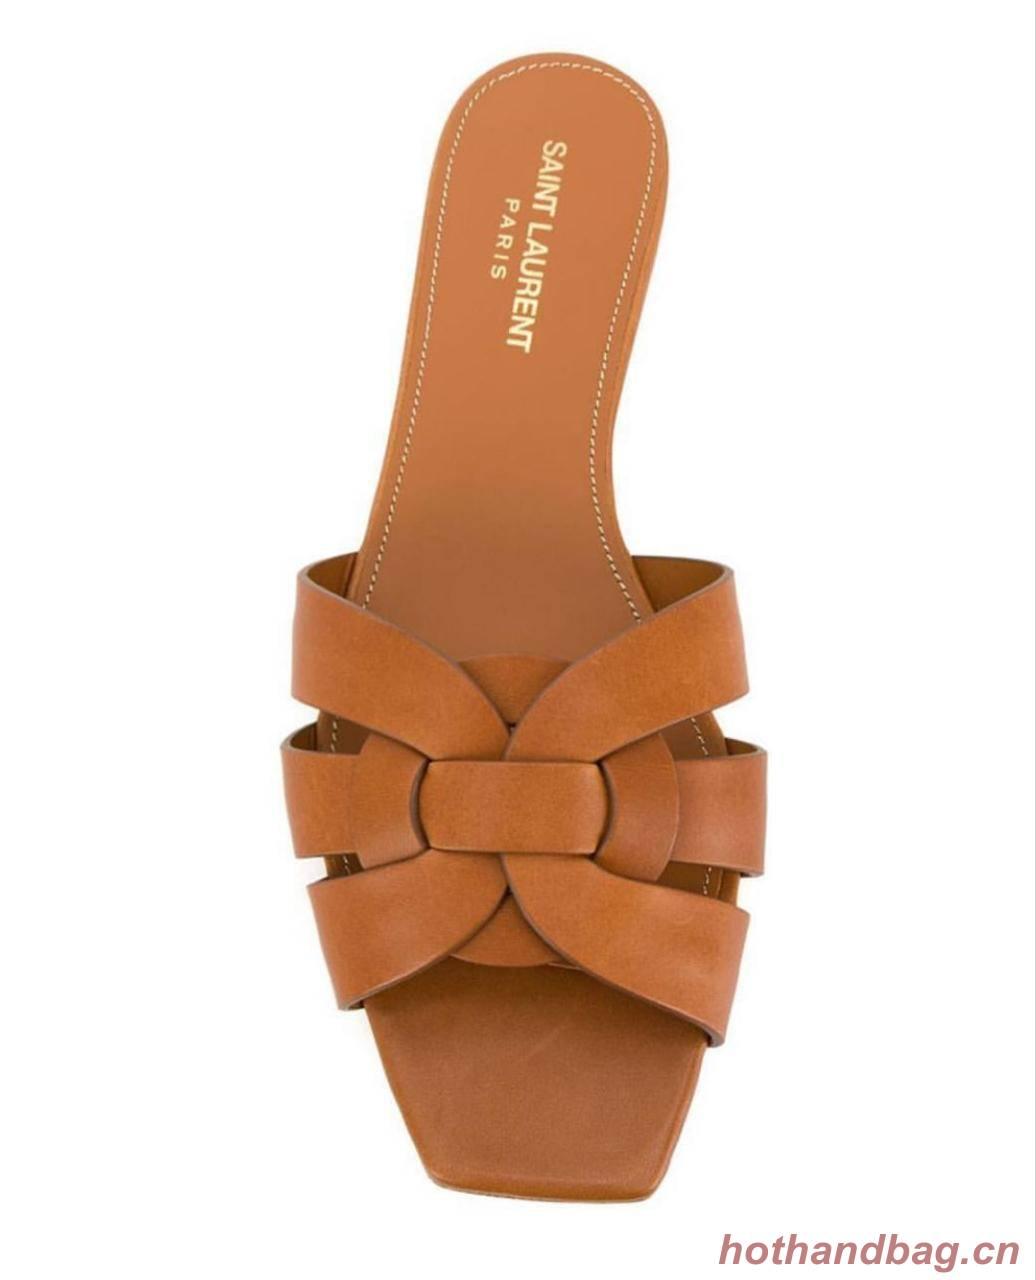 Yves Saint Laurent slippers 33696